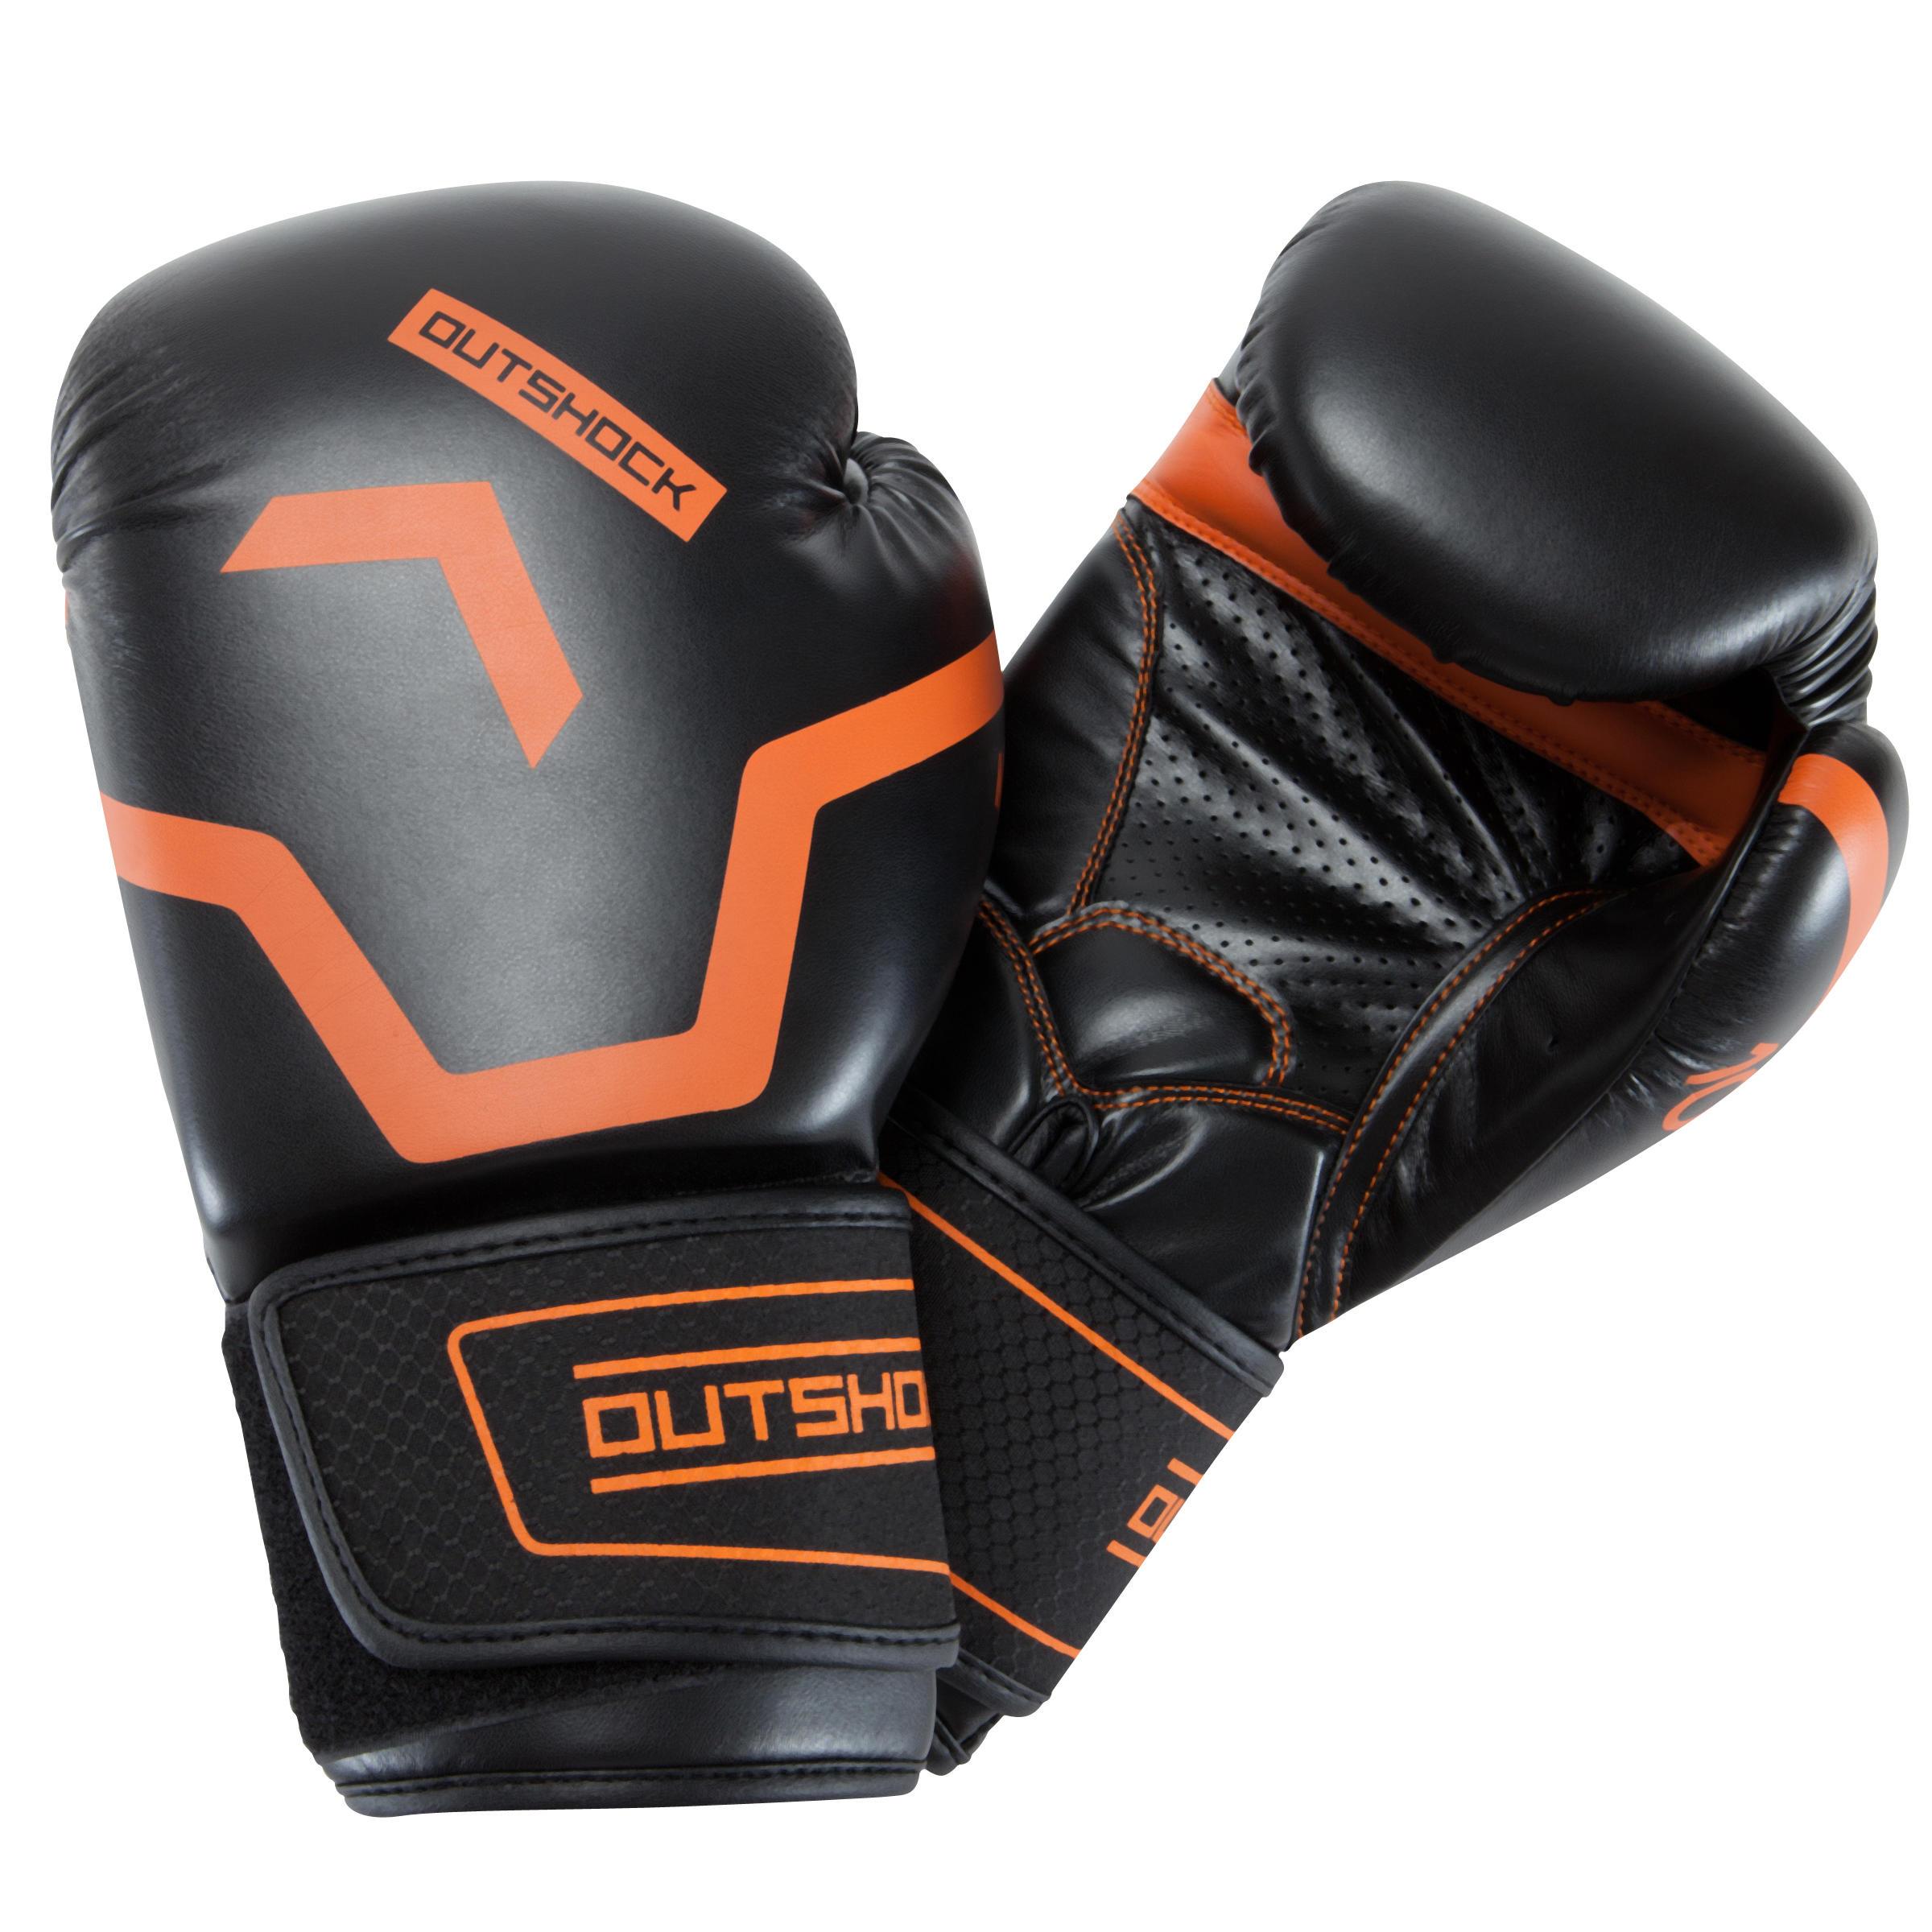 Outshock Bokshandschoenen 500 zwart/oranje, voor halfgevorderde boksers, heren en dames